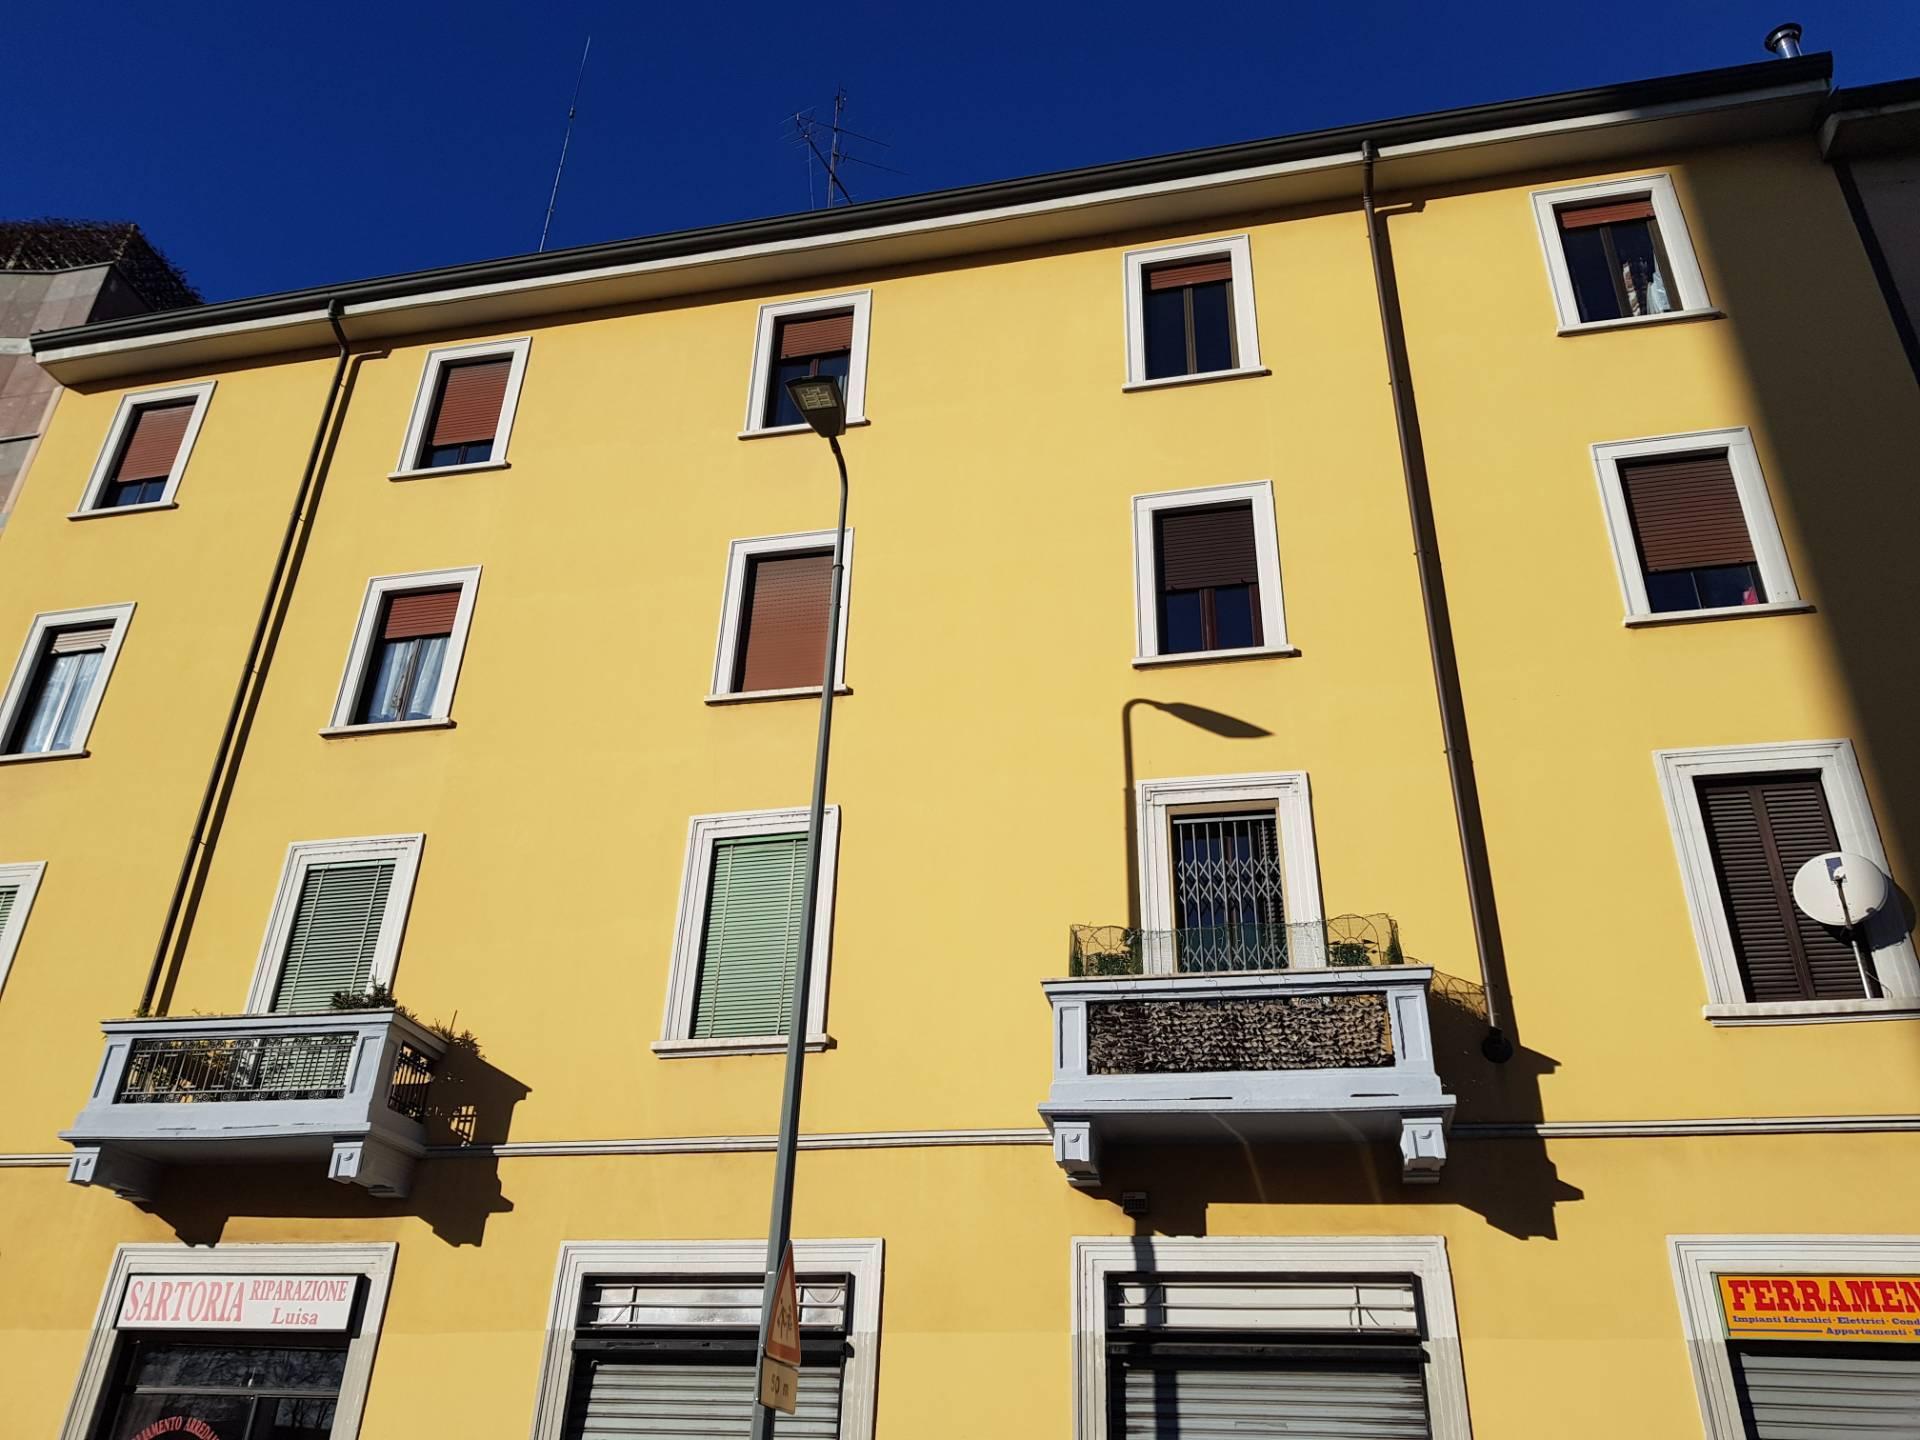 Appartamento in vendita a Milano, 2 locali, zona Località: Giambellino, prezzo € 108.000 | CambioCasa.it